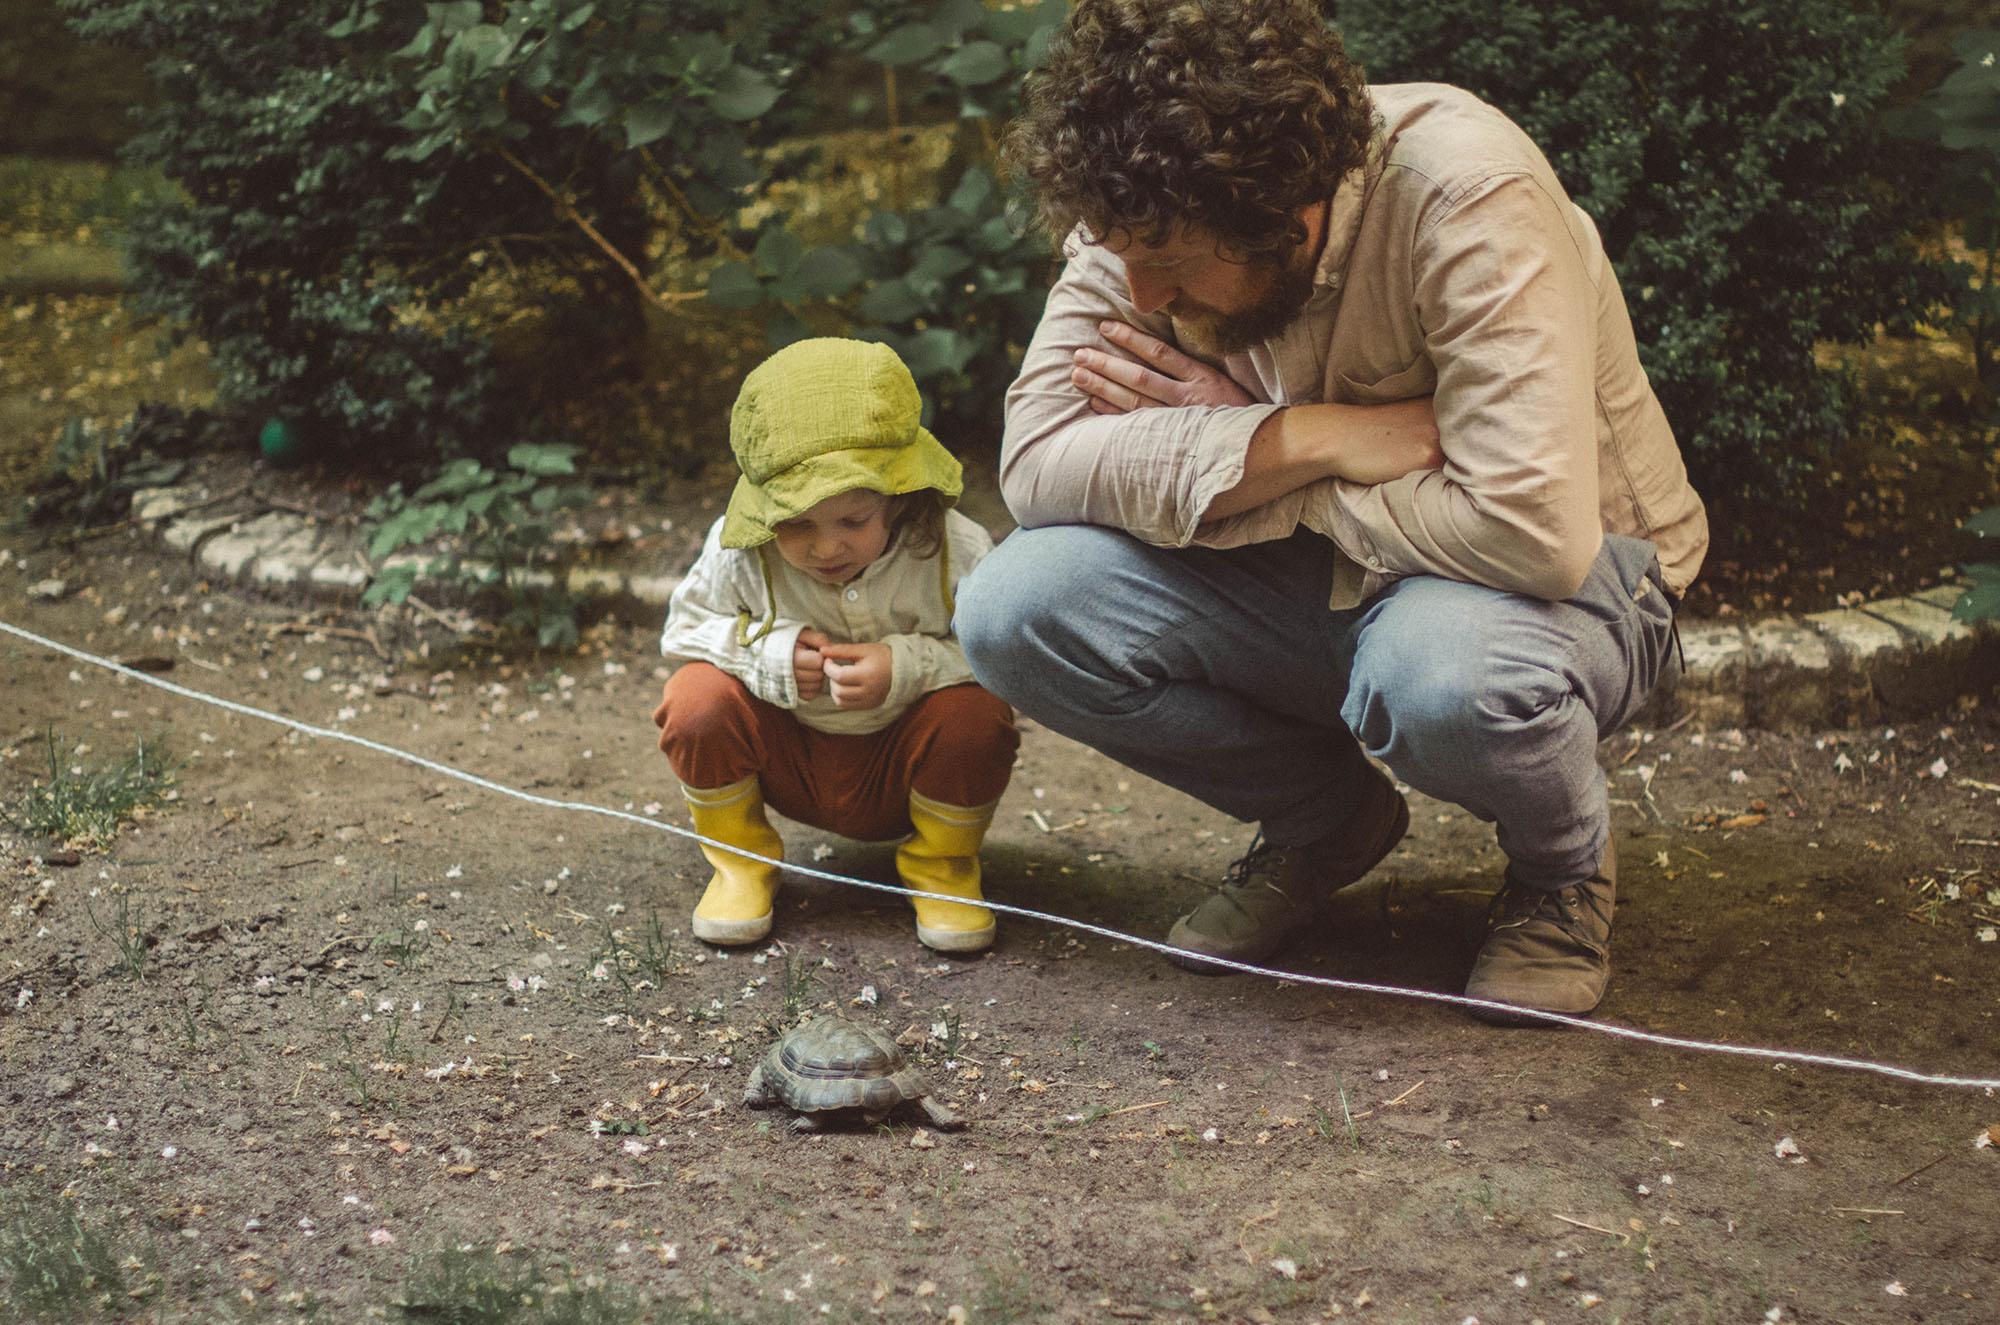 Vater und Kind beobachten Schildkröte, fotoshooting familie Freiburg